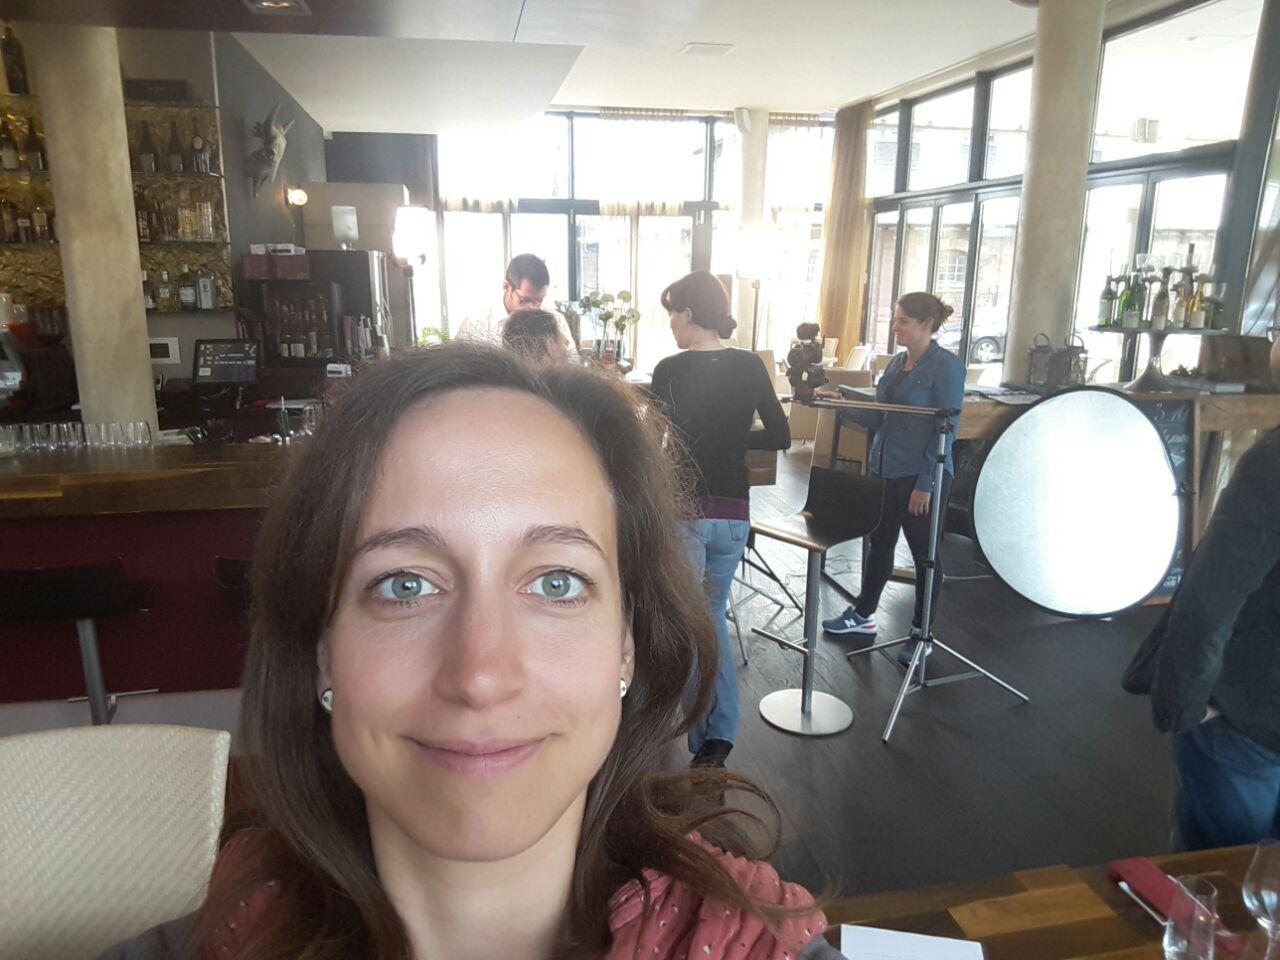 Der Zirkel - Ein Selfie am Set musste sein! ;)